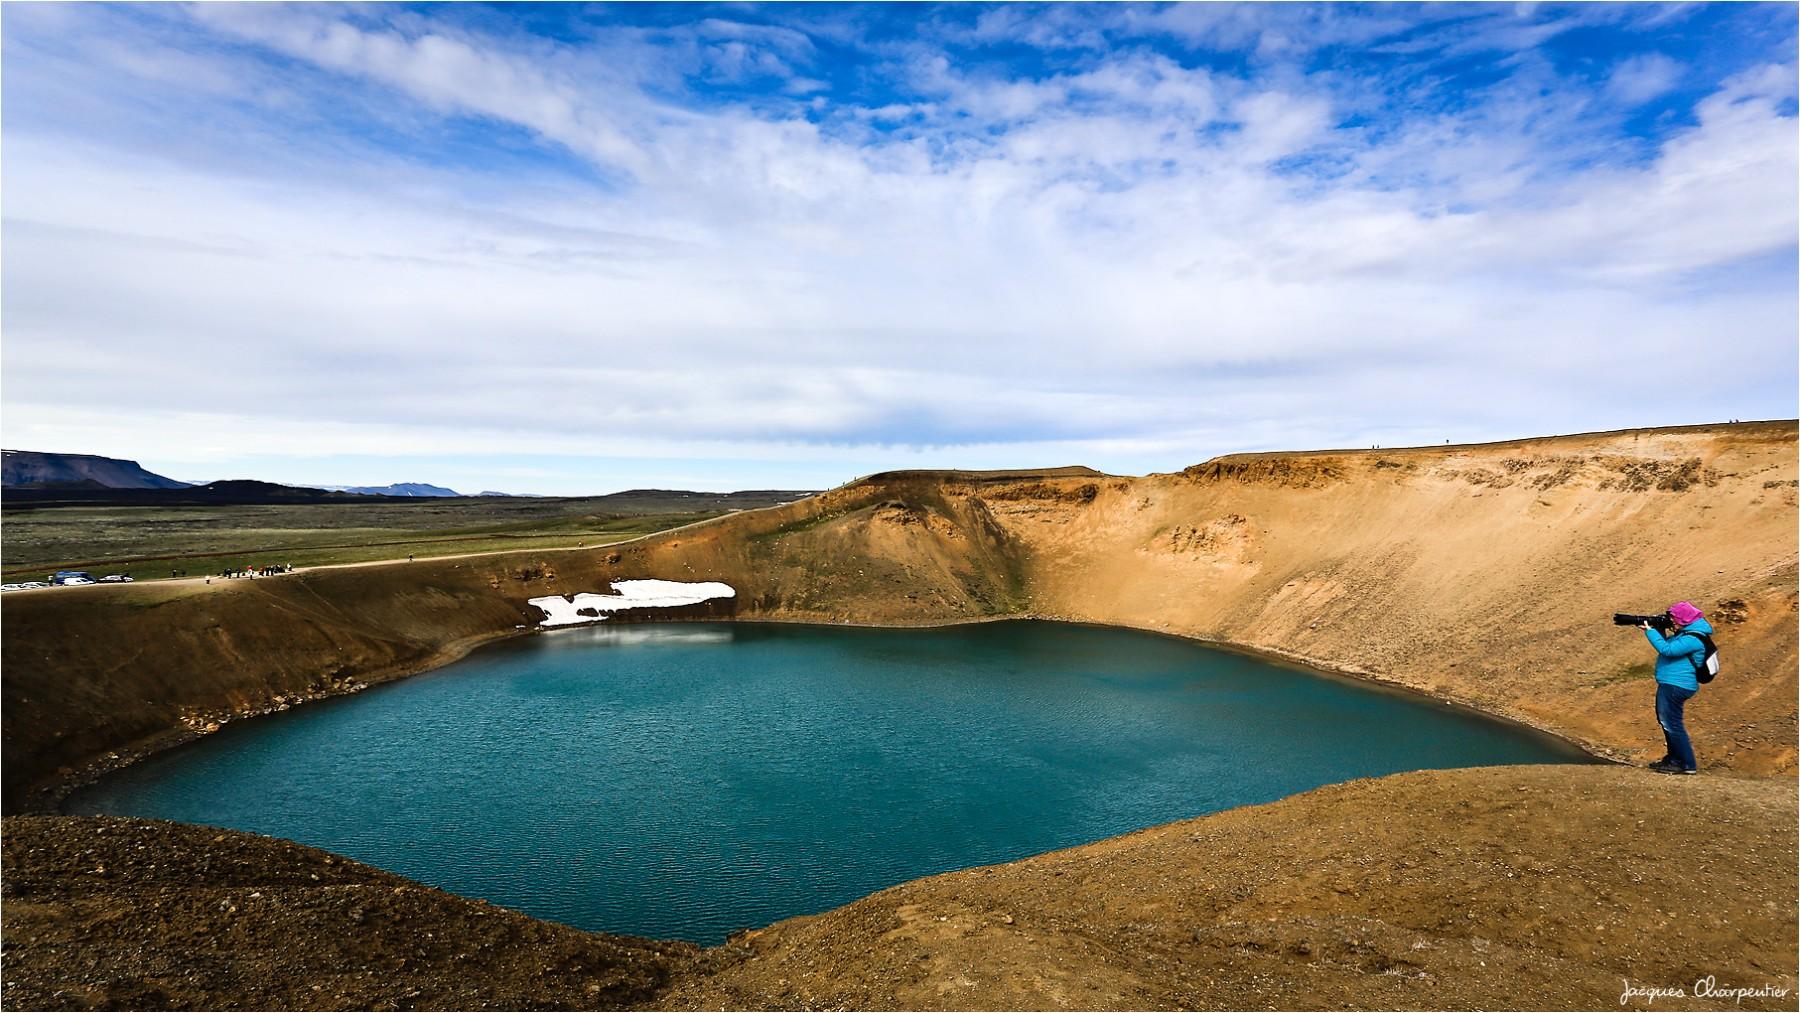 Viti, Islande 2016 © Jcques Charpentier